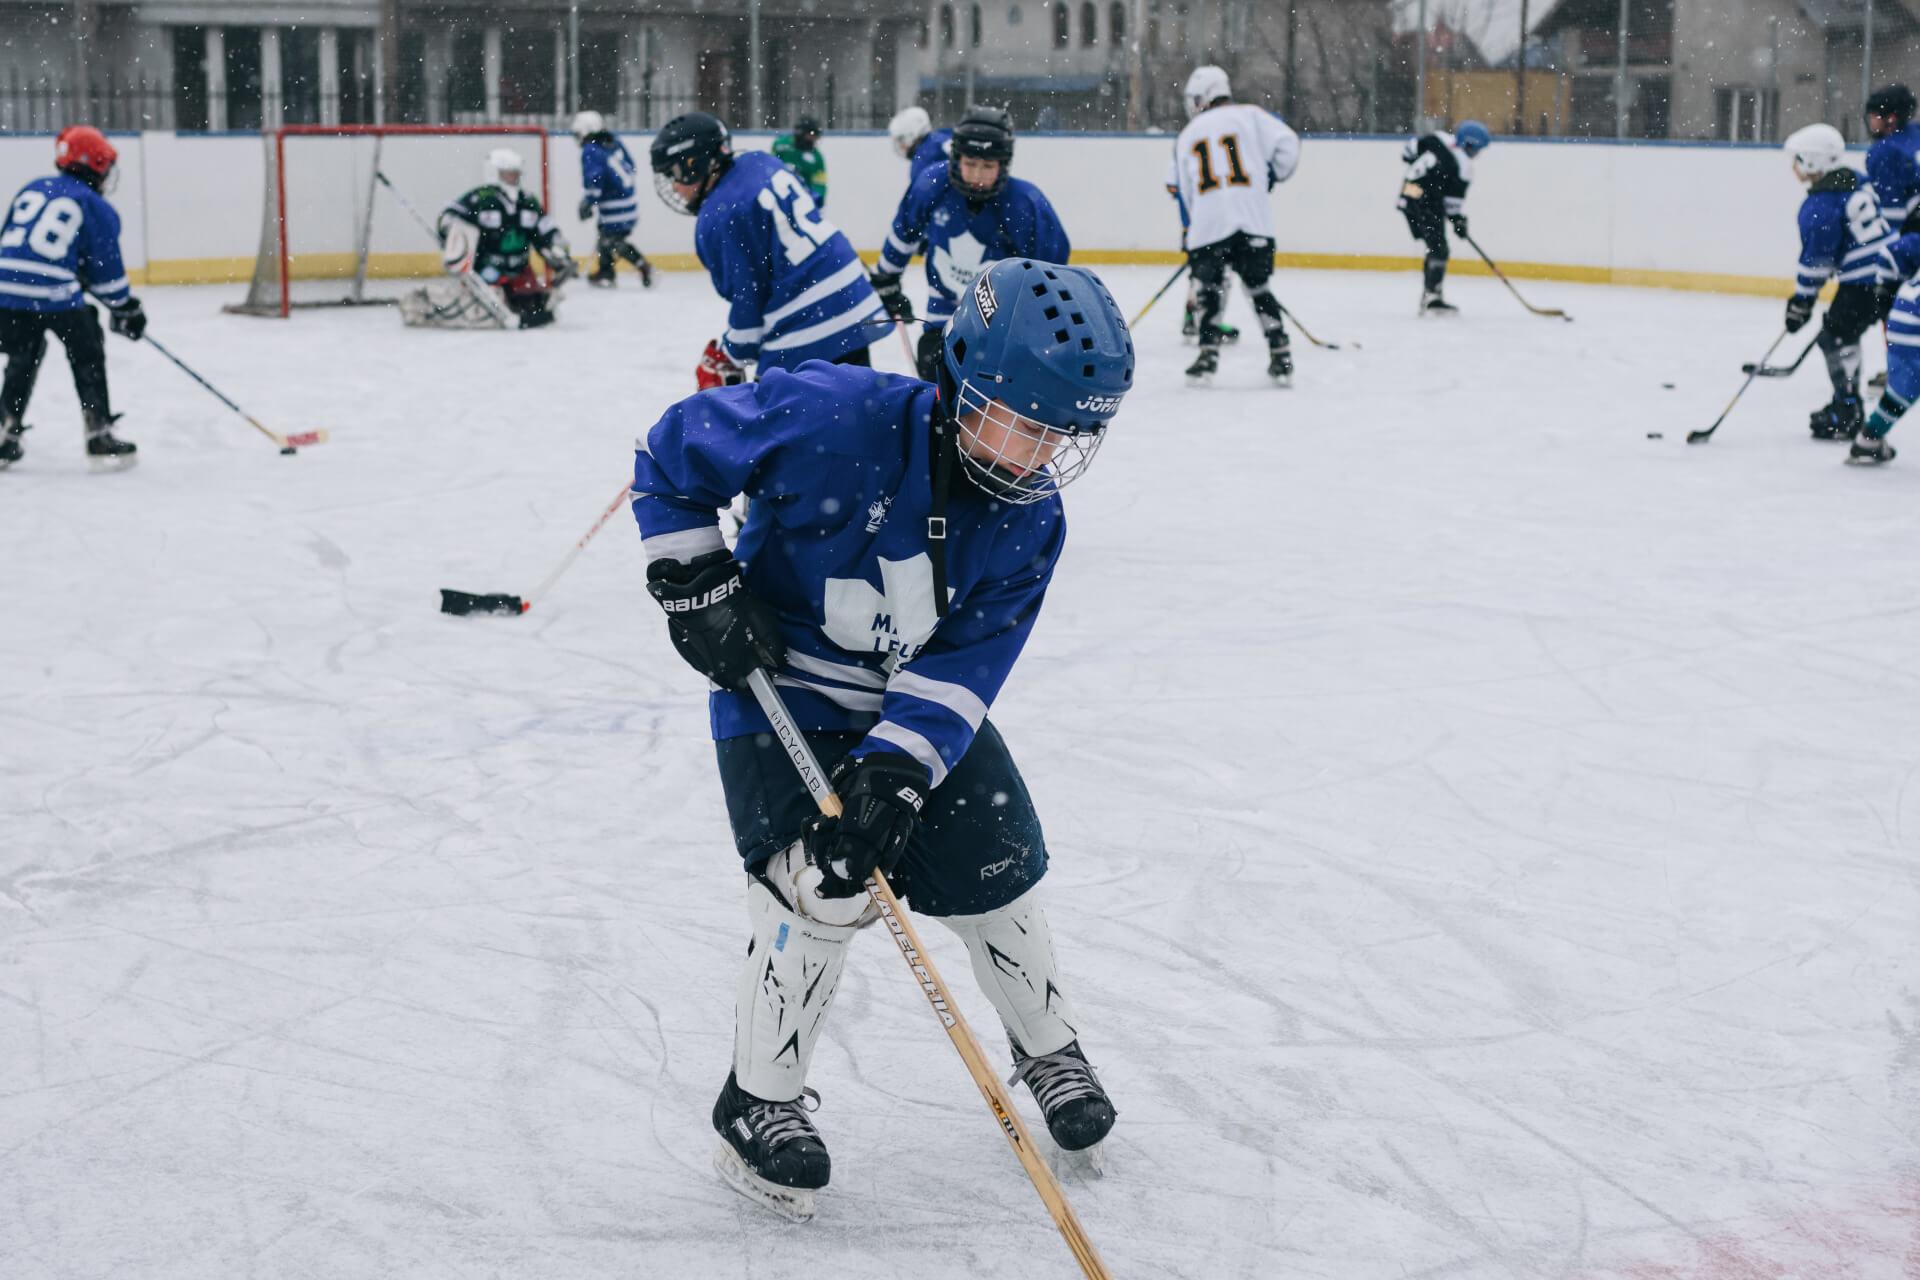 Як працює хокейна секція для дітей у Коломиї